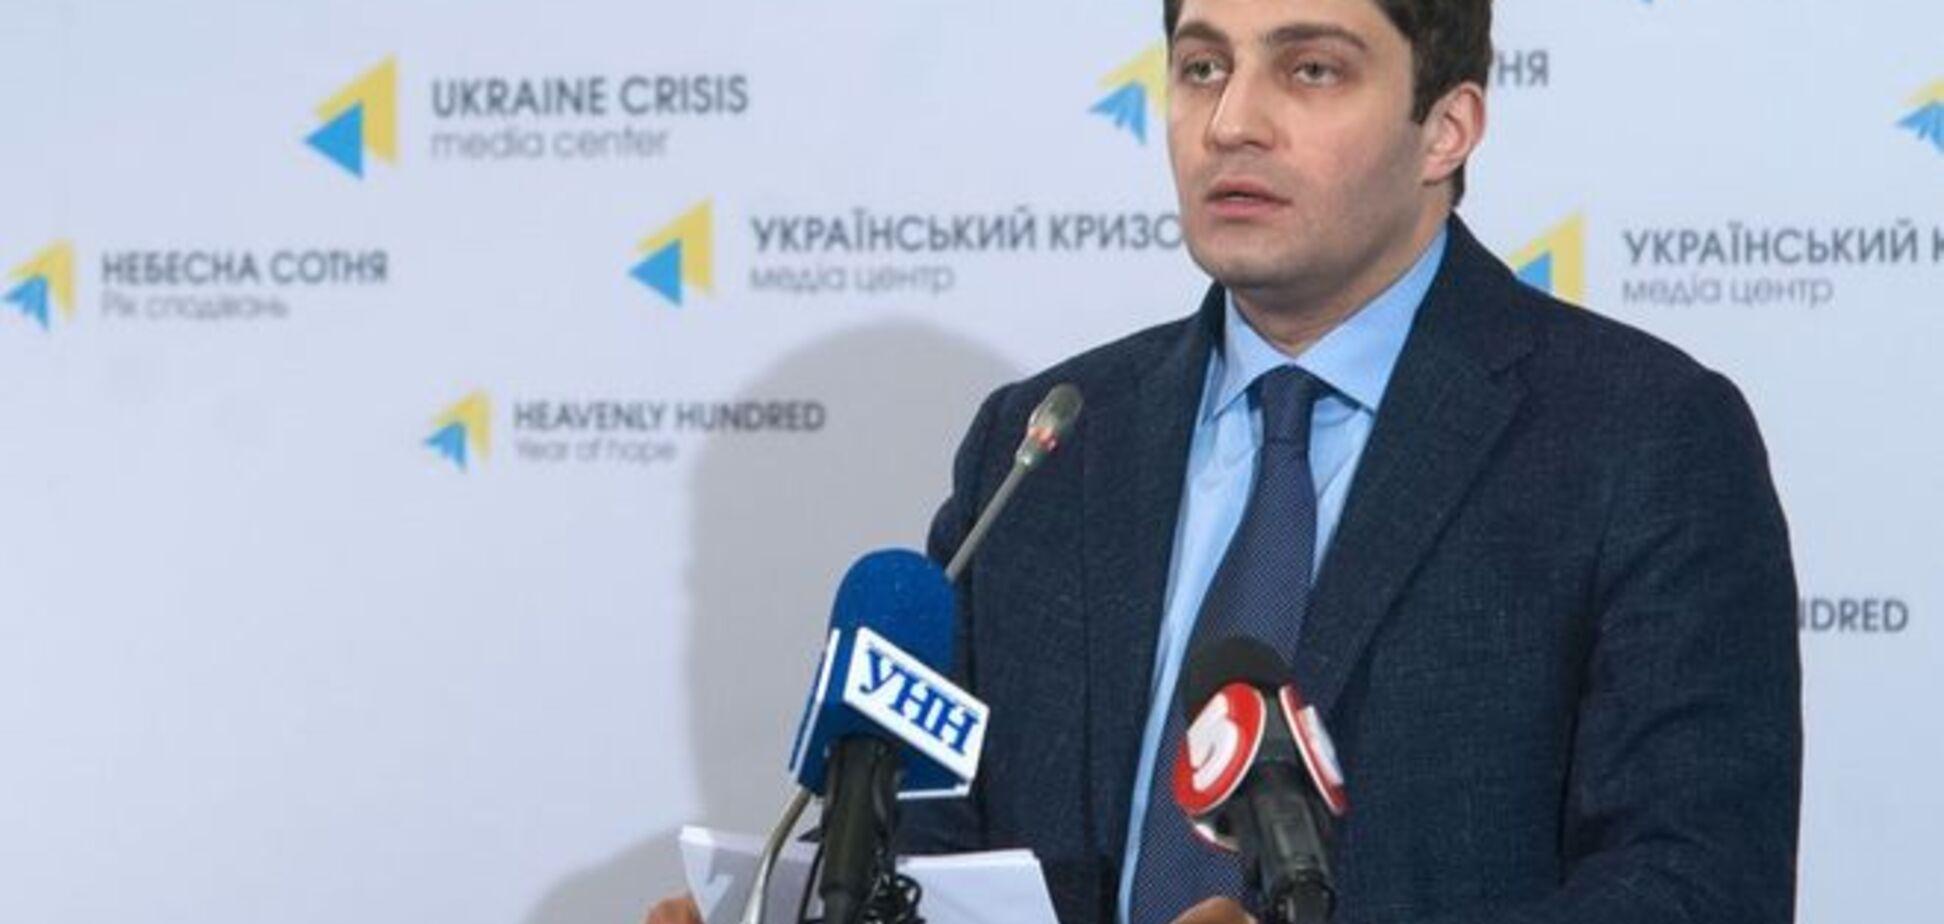 Сакварелідзе розповів подробиці затримання хабарників з ГПУ та прокуратури Києва: це тільки попередження